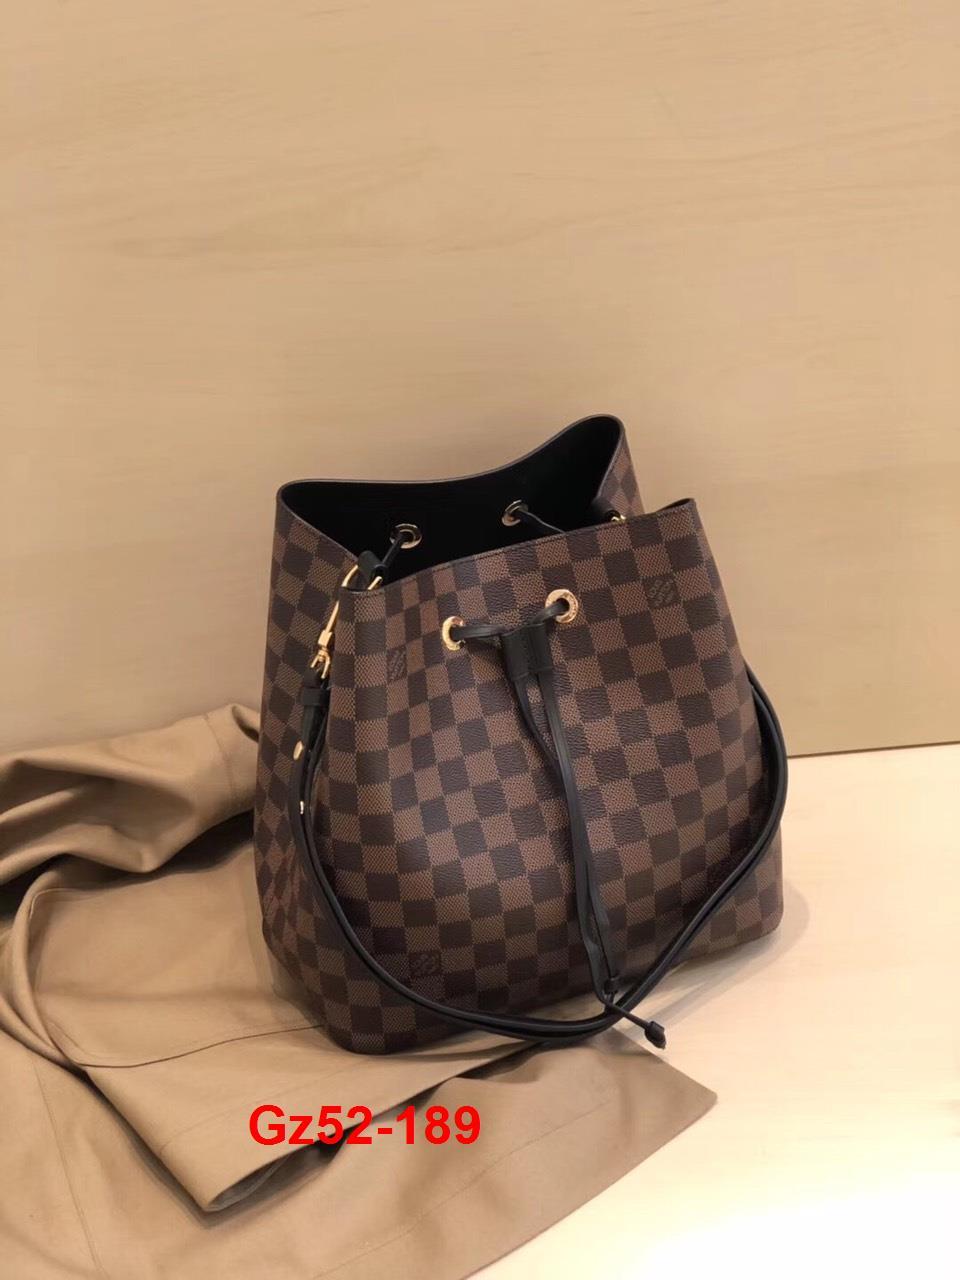 Gz52-189 Louis Vuitton túi size 20cm, 26cm siêu cấp